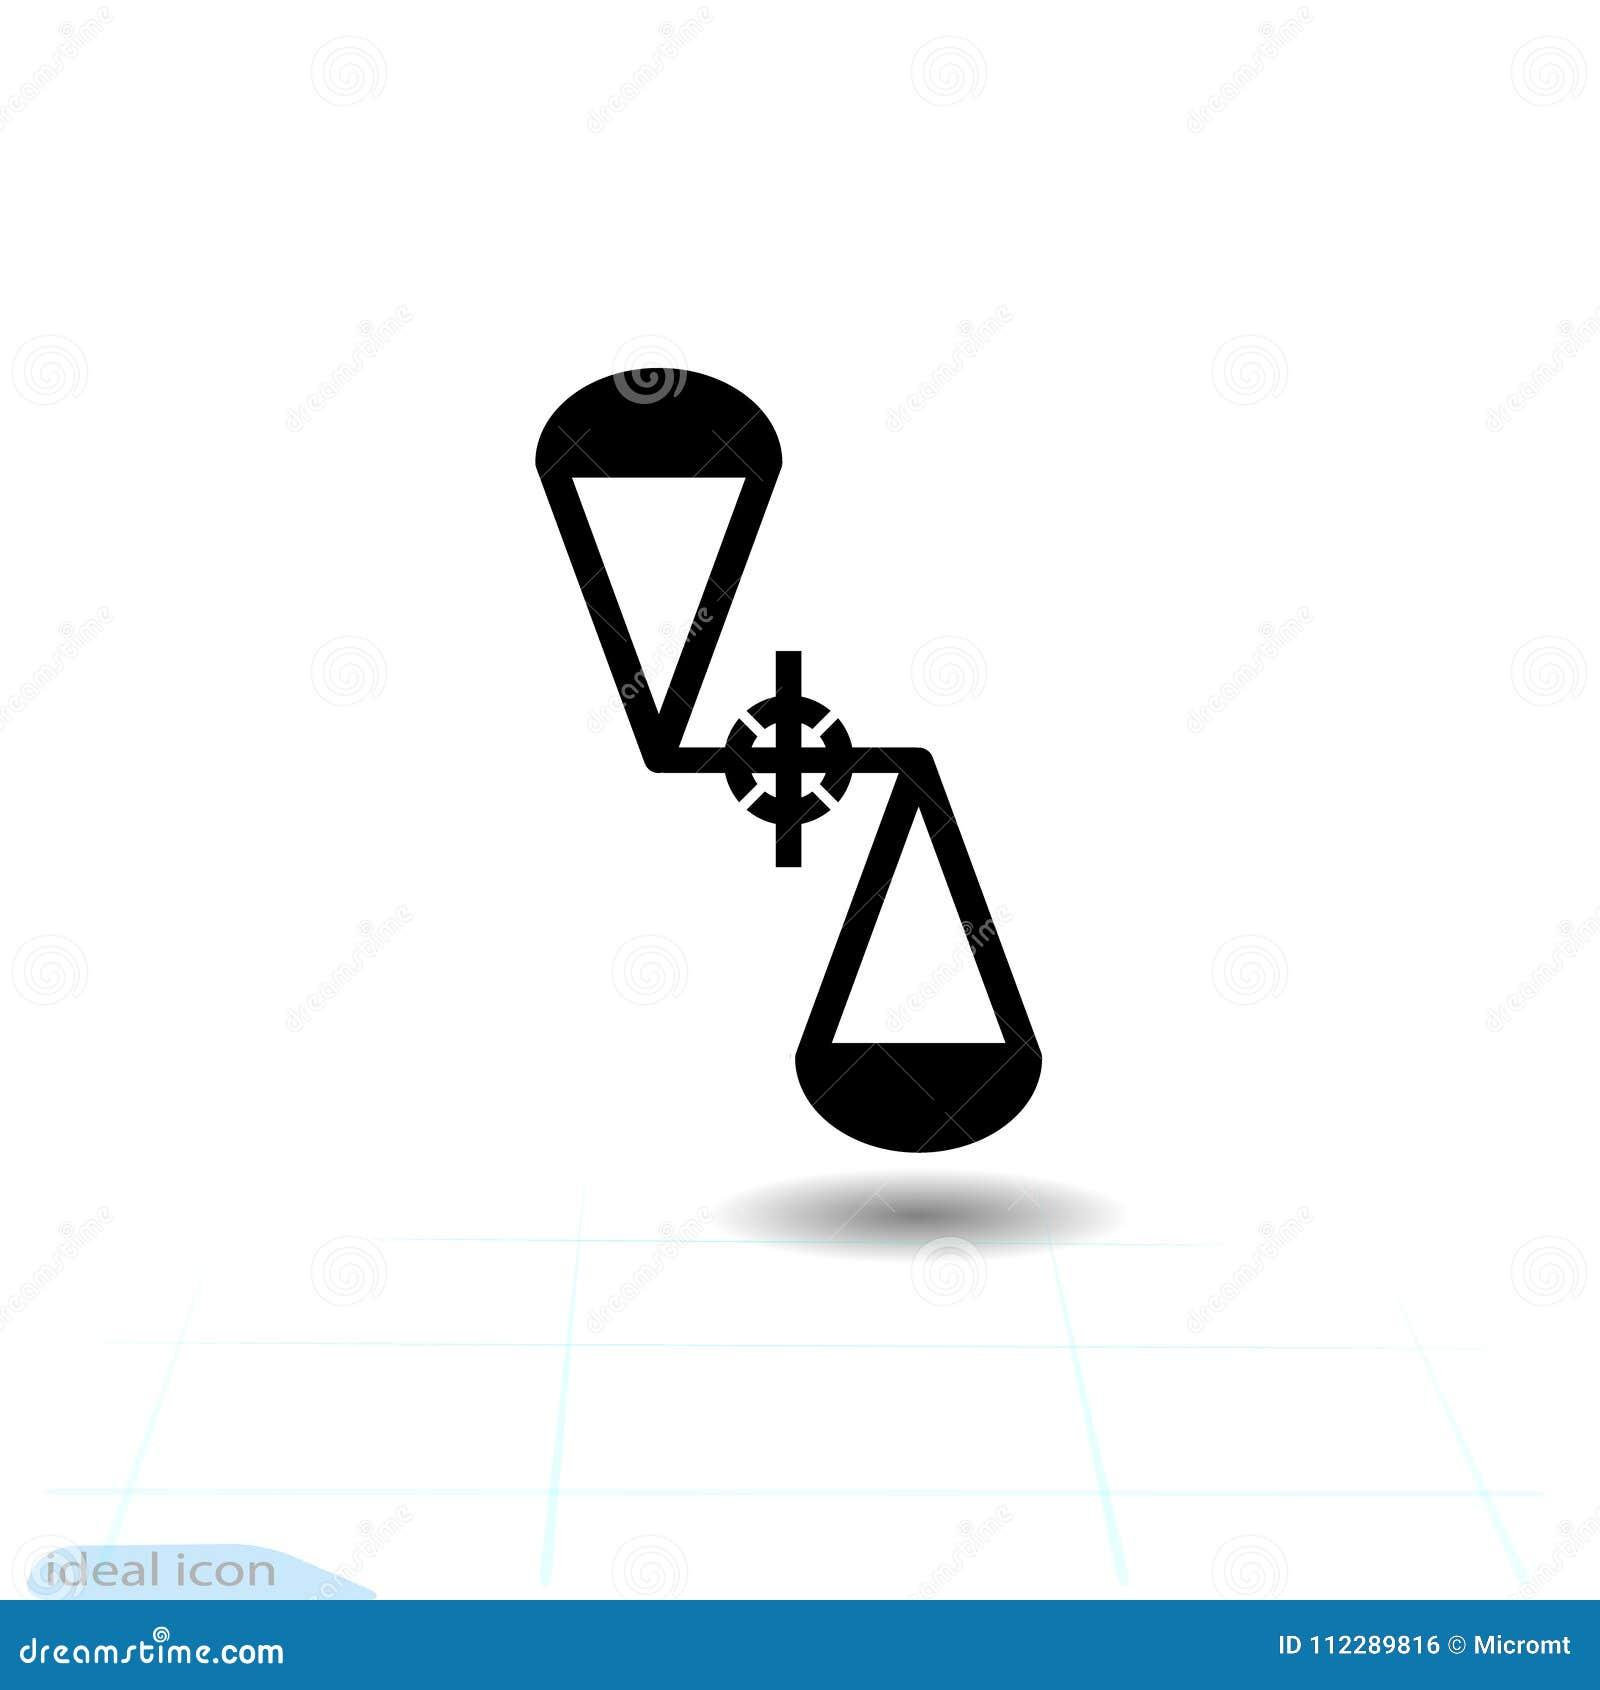 Abstracte pictogram veranderlijke ernst Vergelijkingen van de wetenschaps de theoretische fysica van algemene relativiteit, en we